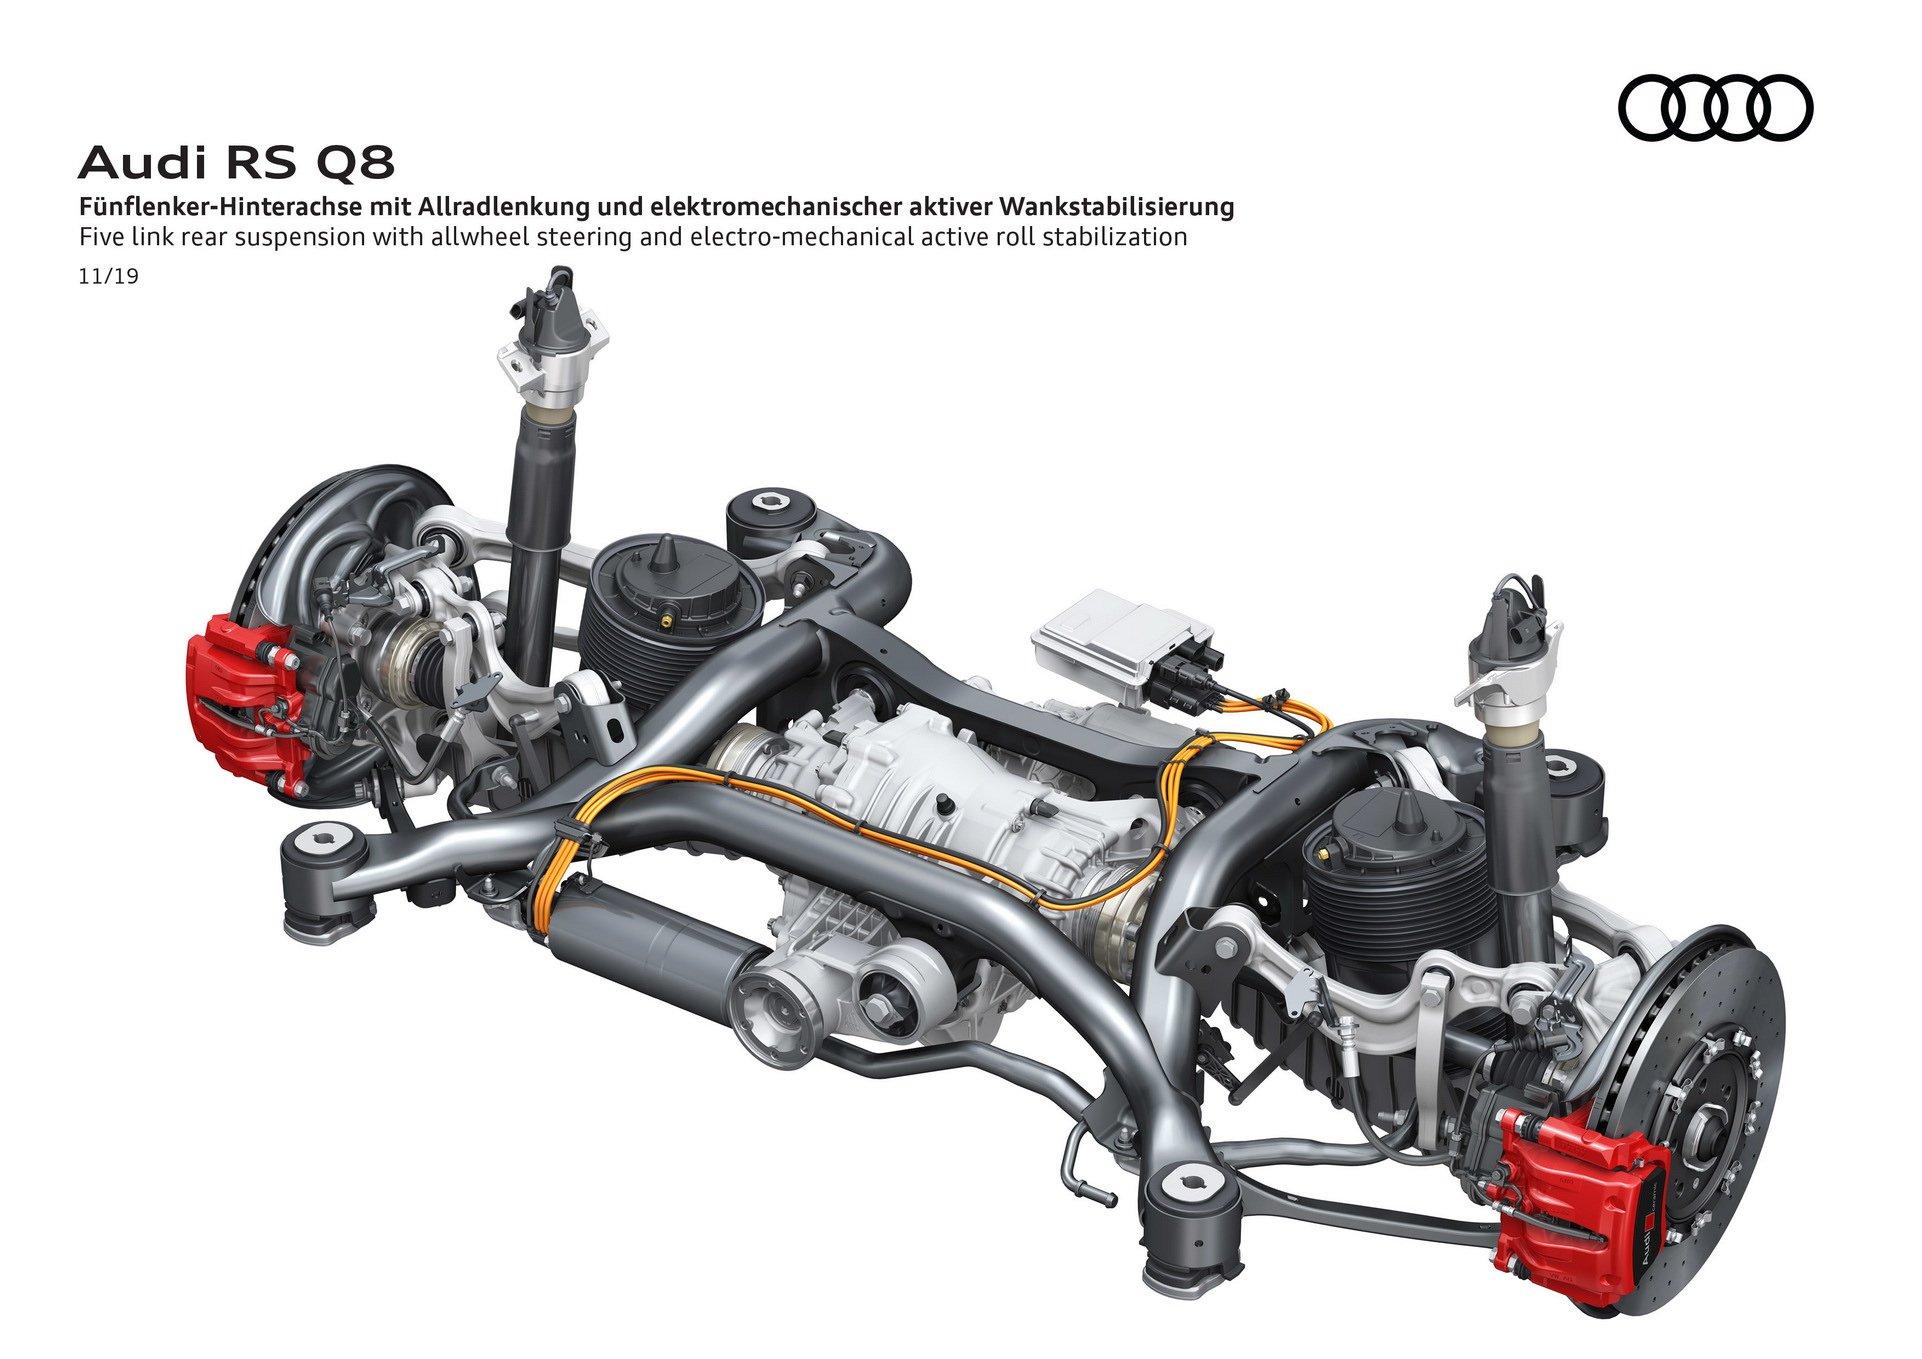 Audi-RS-Q8-72